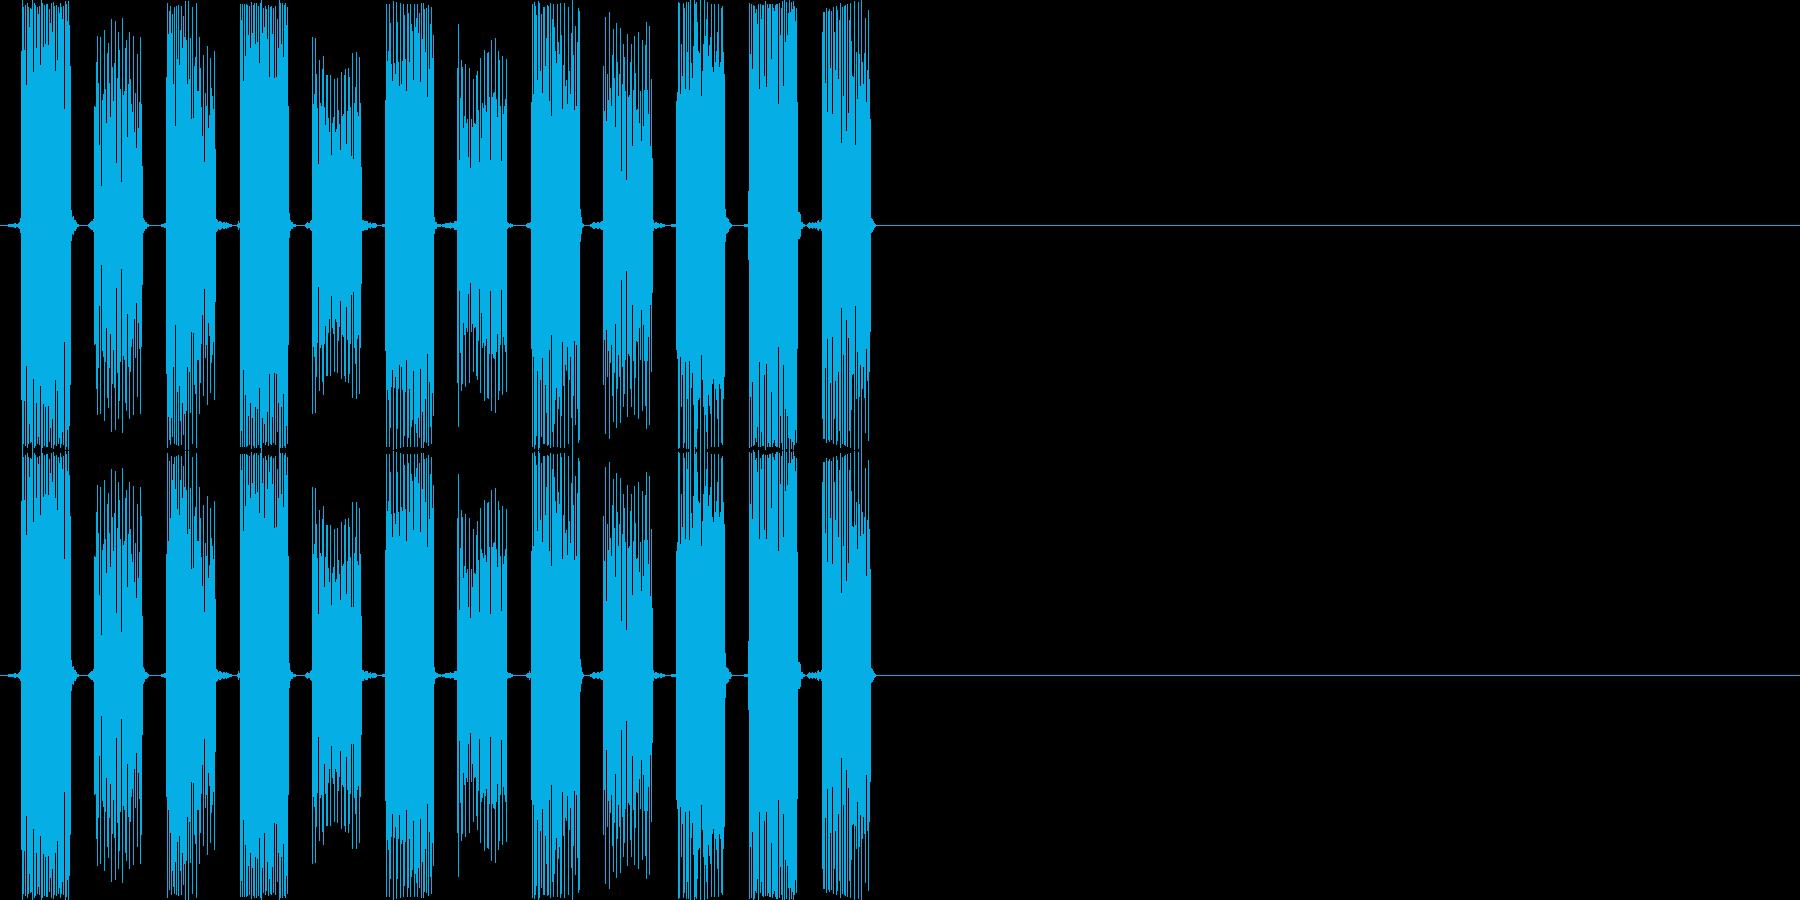 ピロリロピロリロ(PC、ロボット、低め)の再生済みの波形